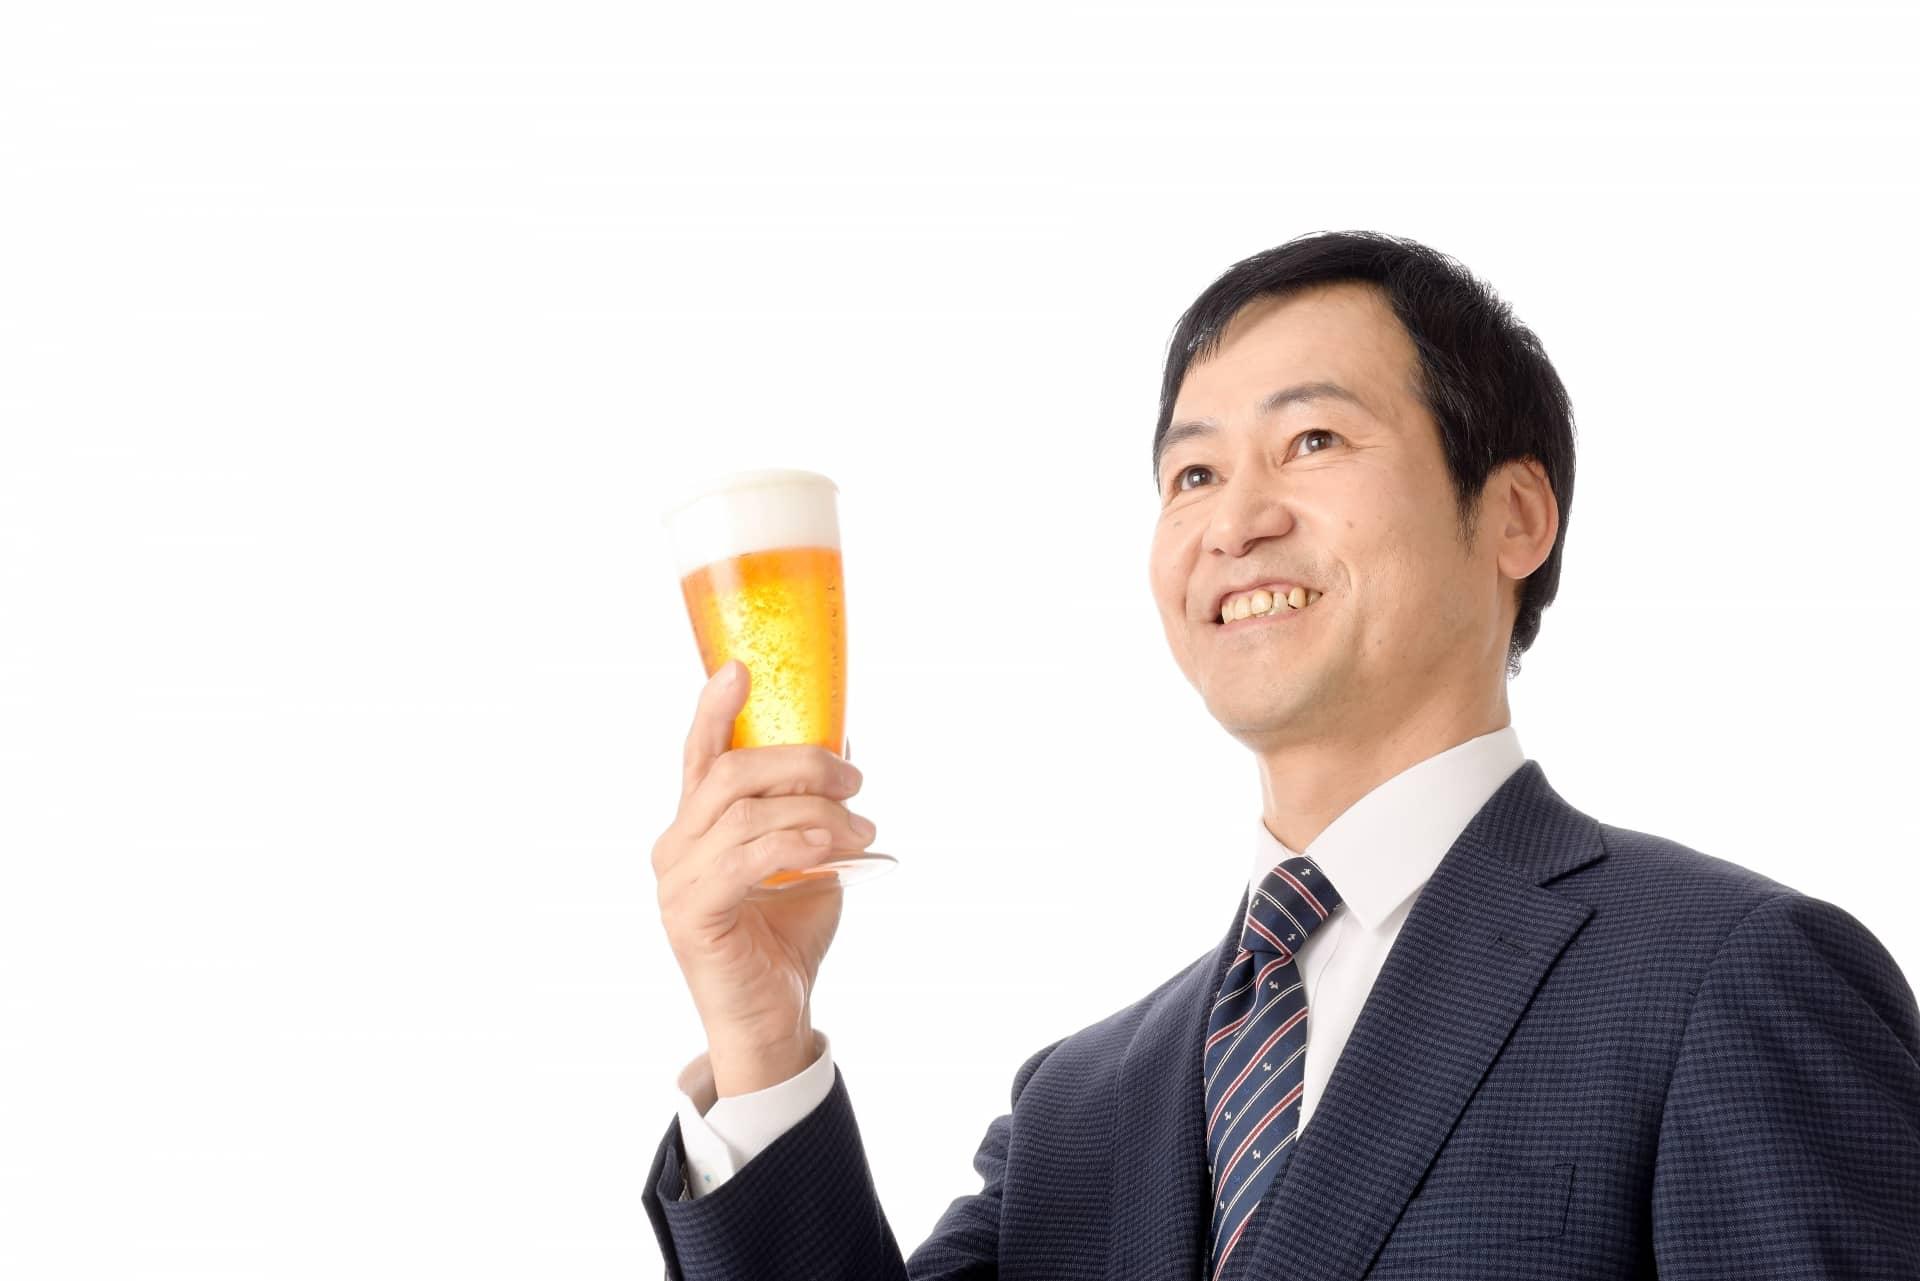 ビールを持つ男性